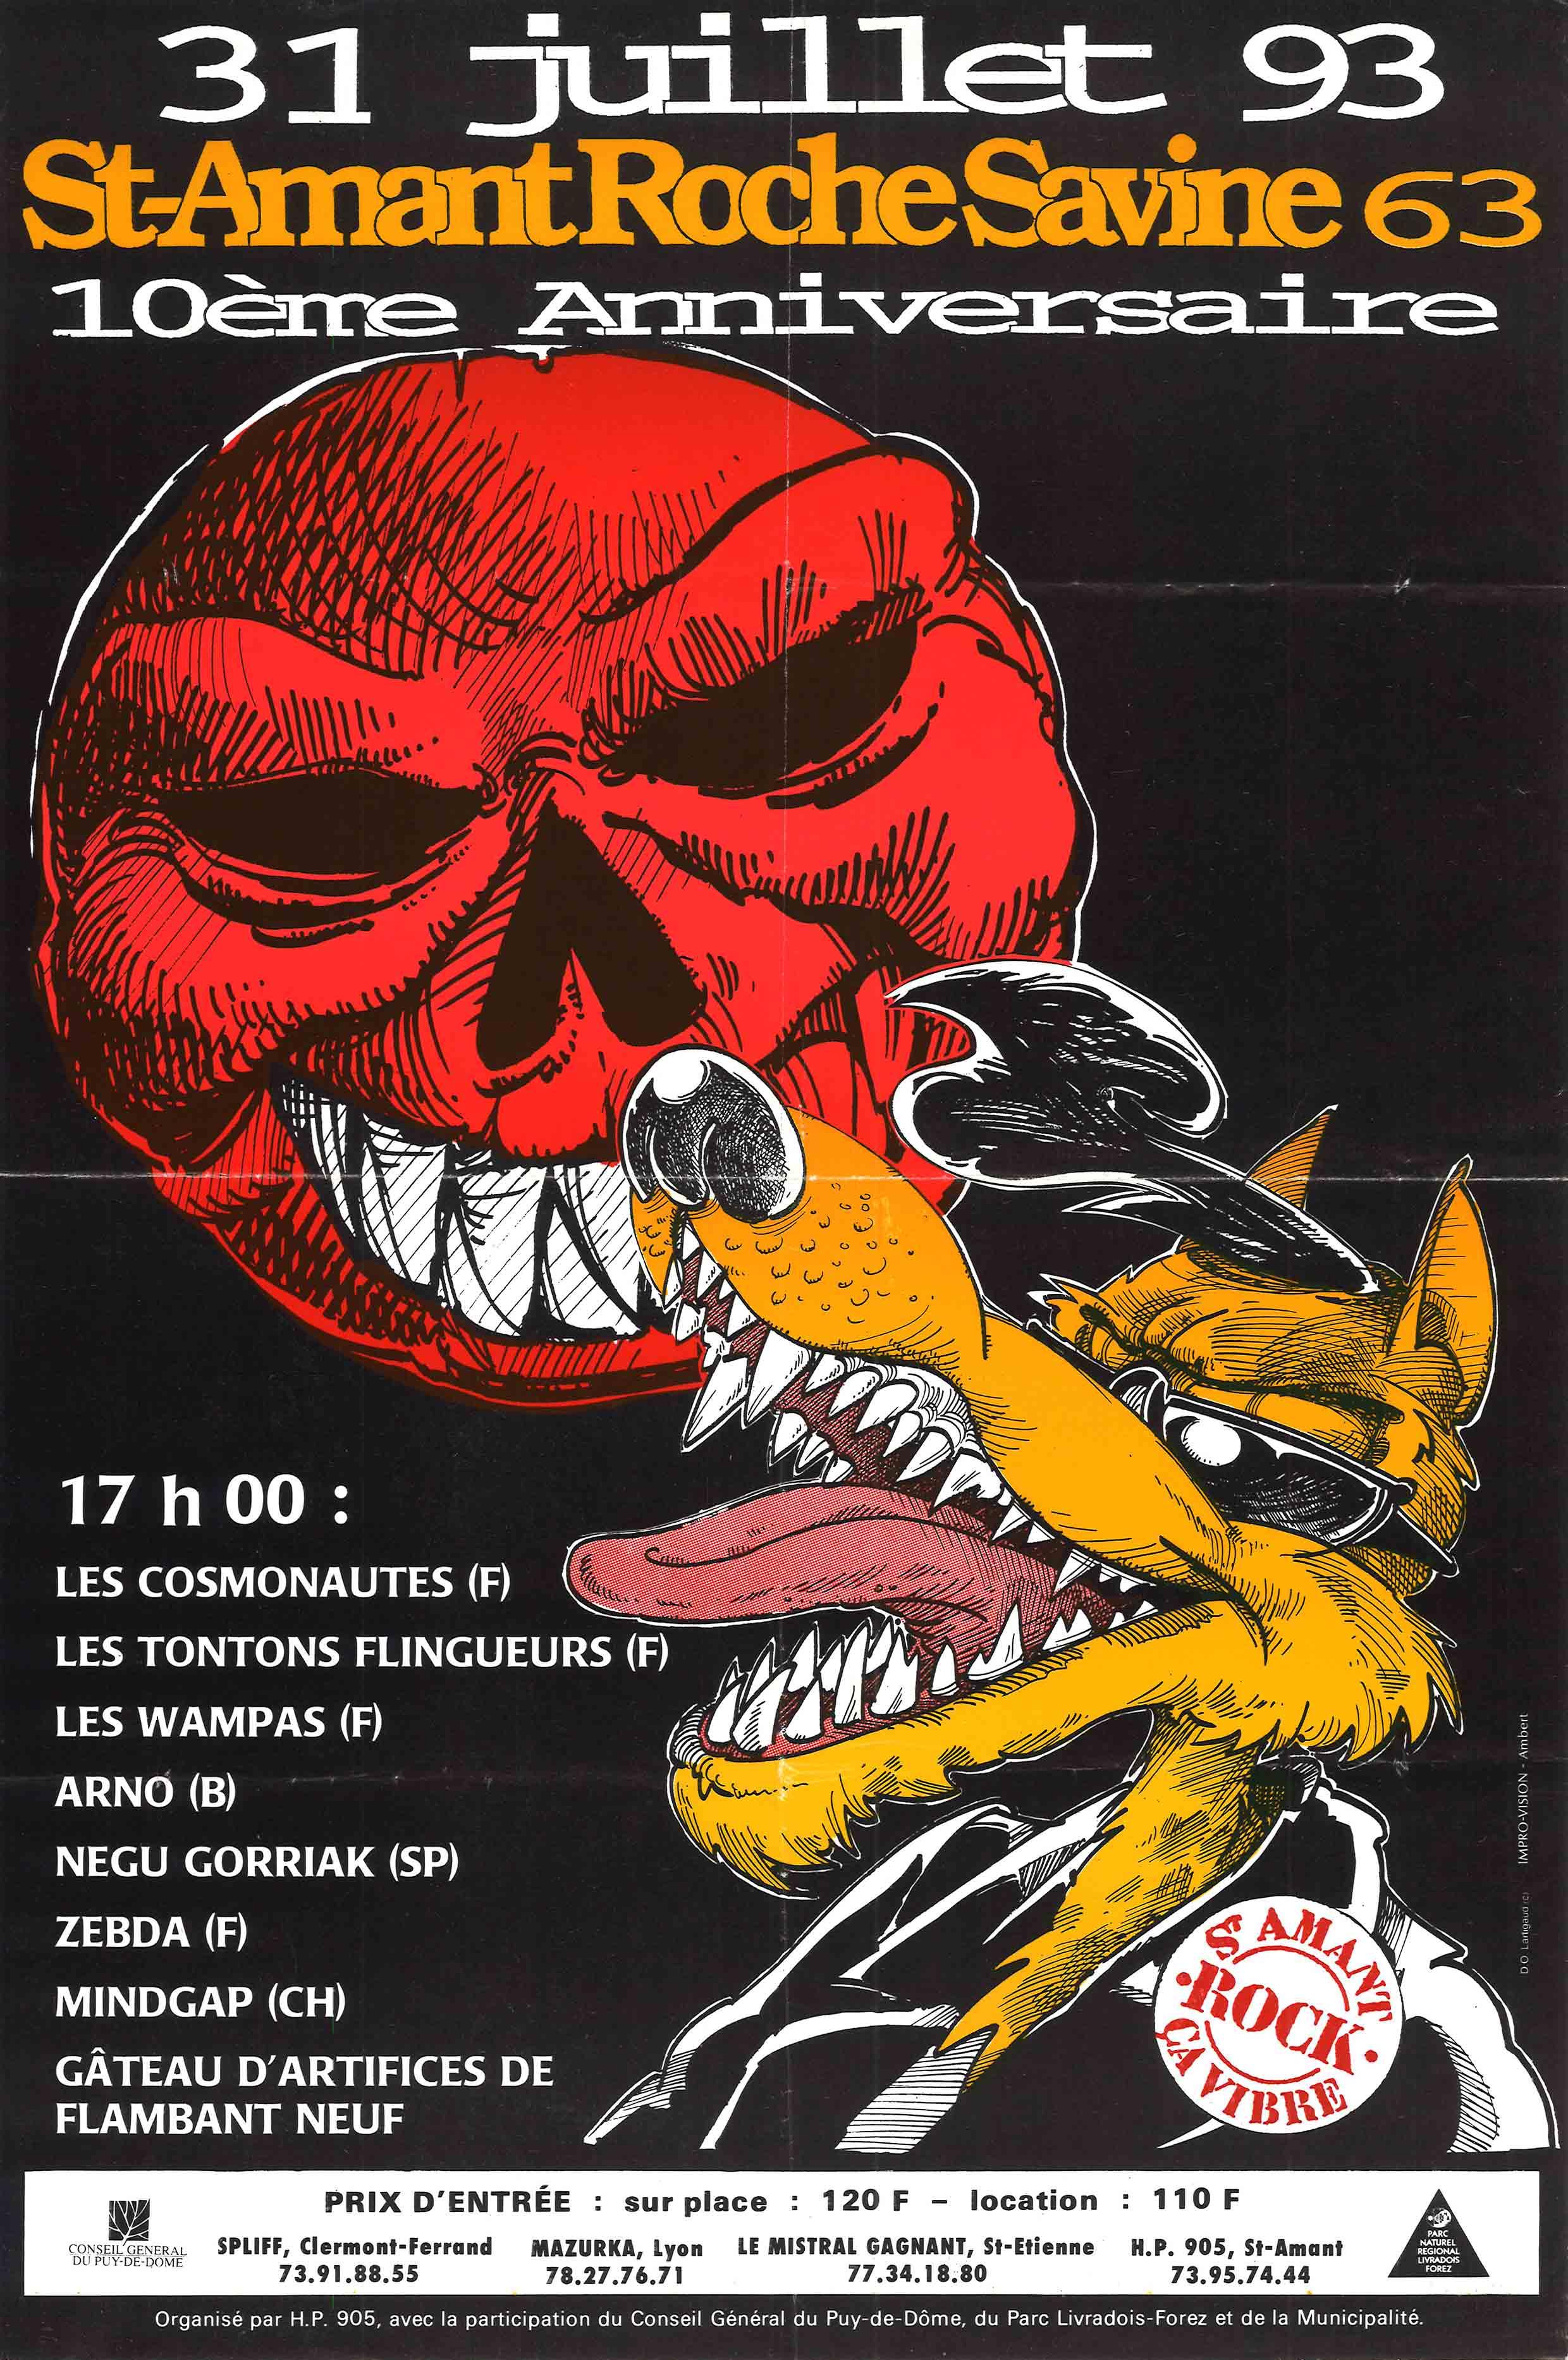 31 juillet 1993 Les Cosmonautes, Les Tontons Flingueurs, Les Wampas, Arno, Negu Gorriak, Zebda, Mindgap à Saint Amand Roche Savine